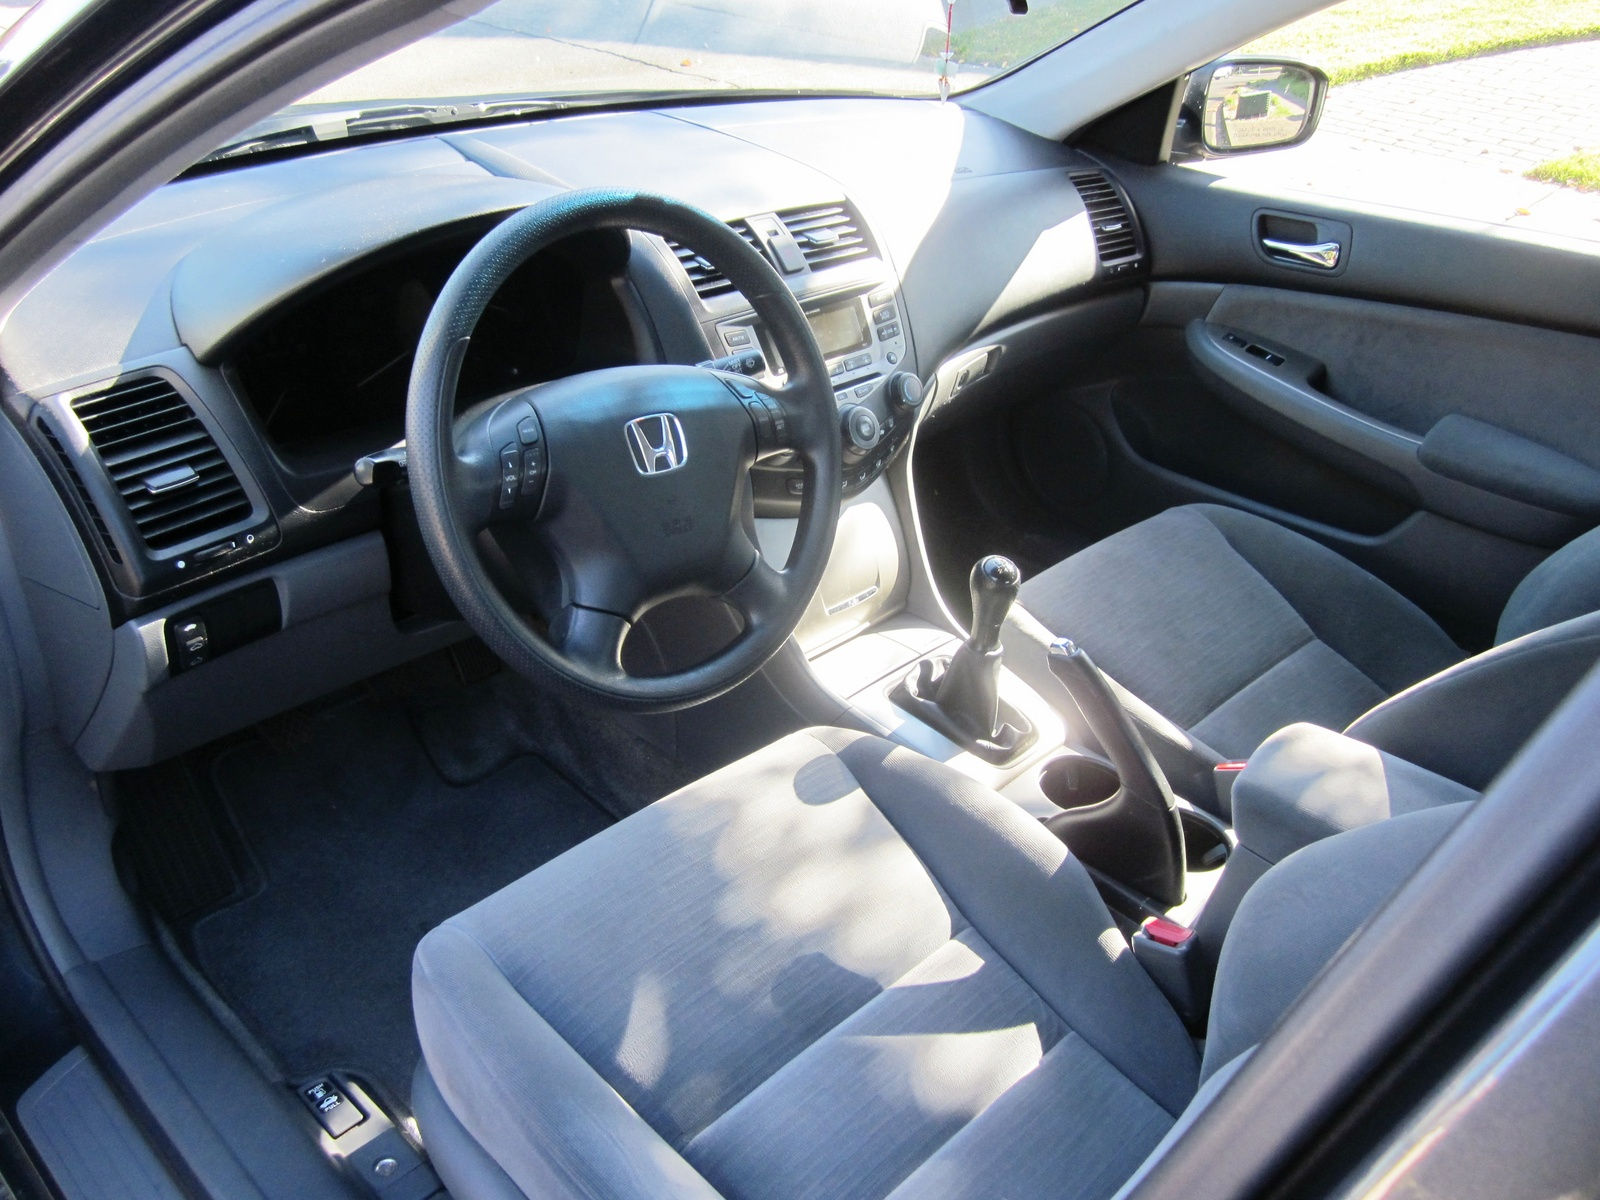 2006 Honda Accord Pictures Cargurus